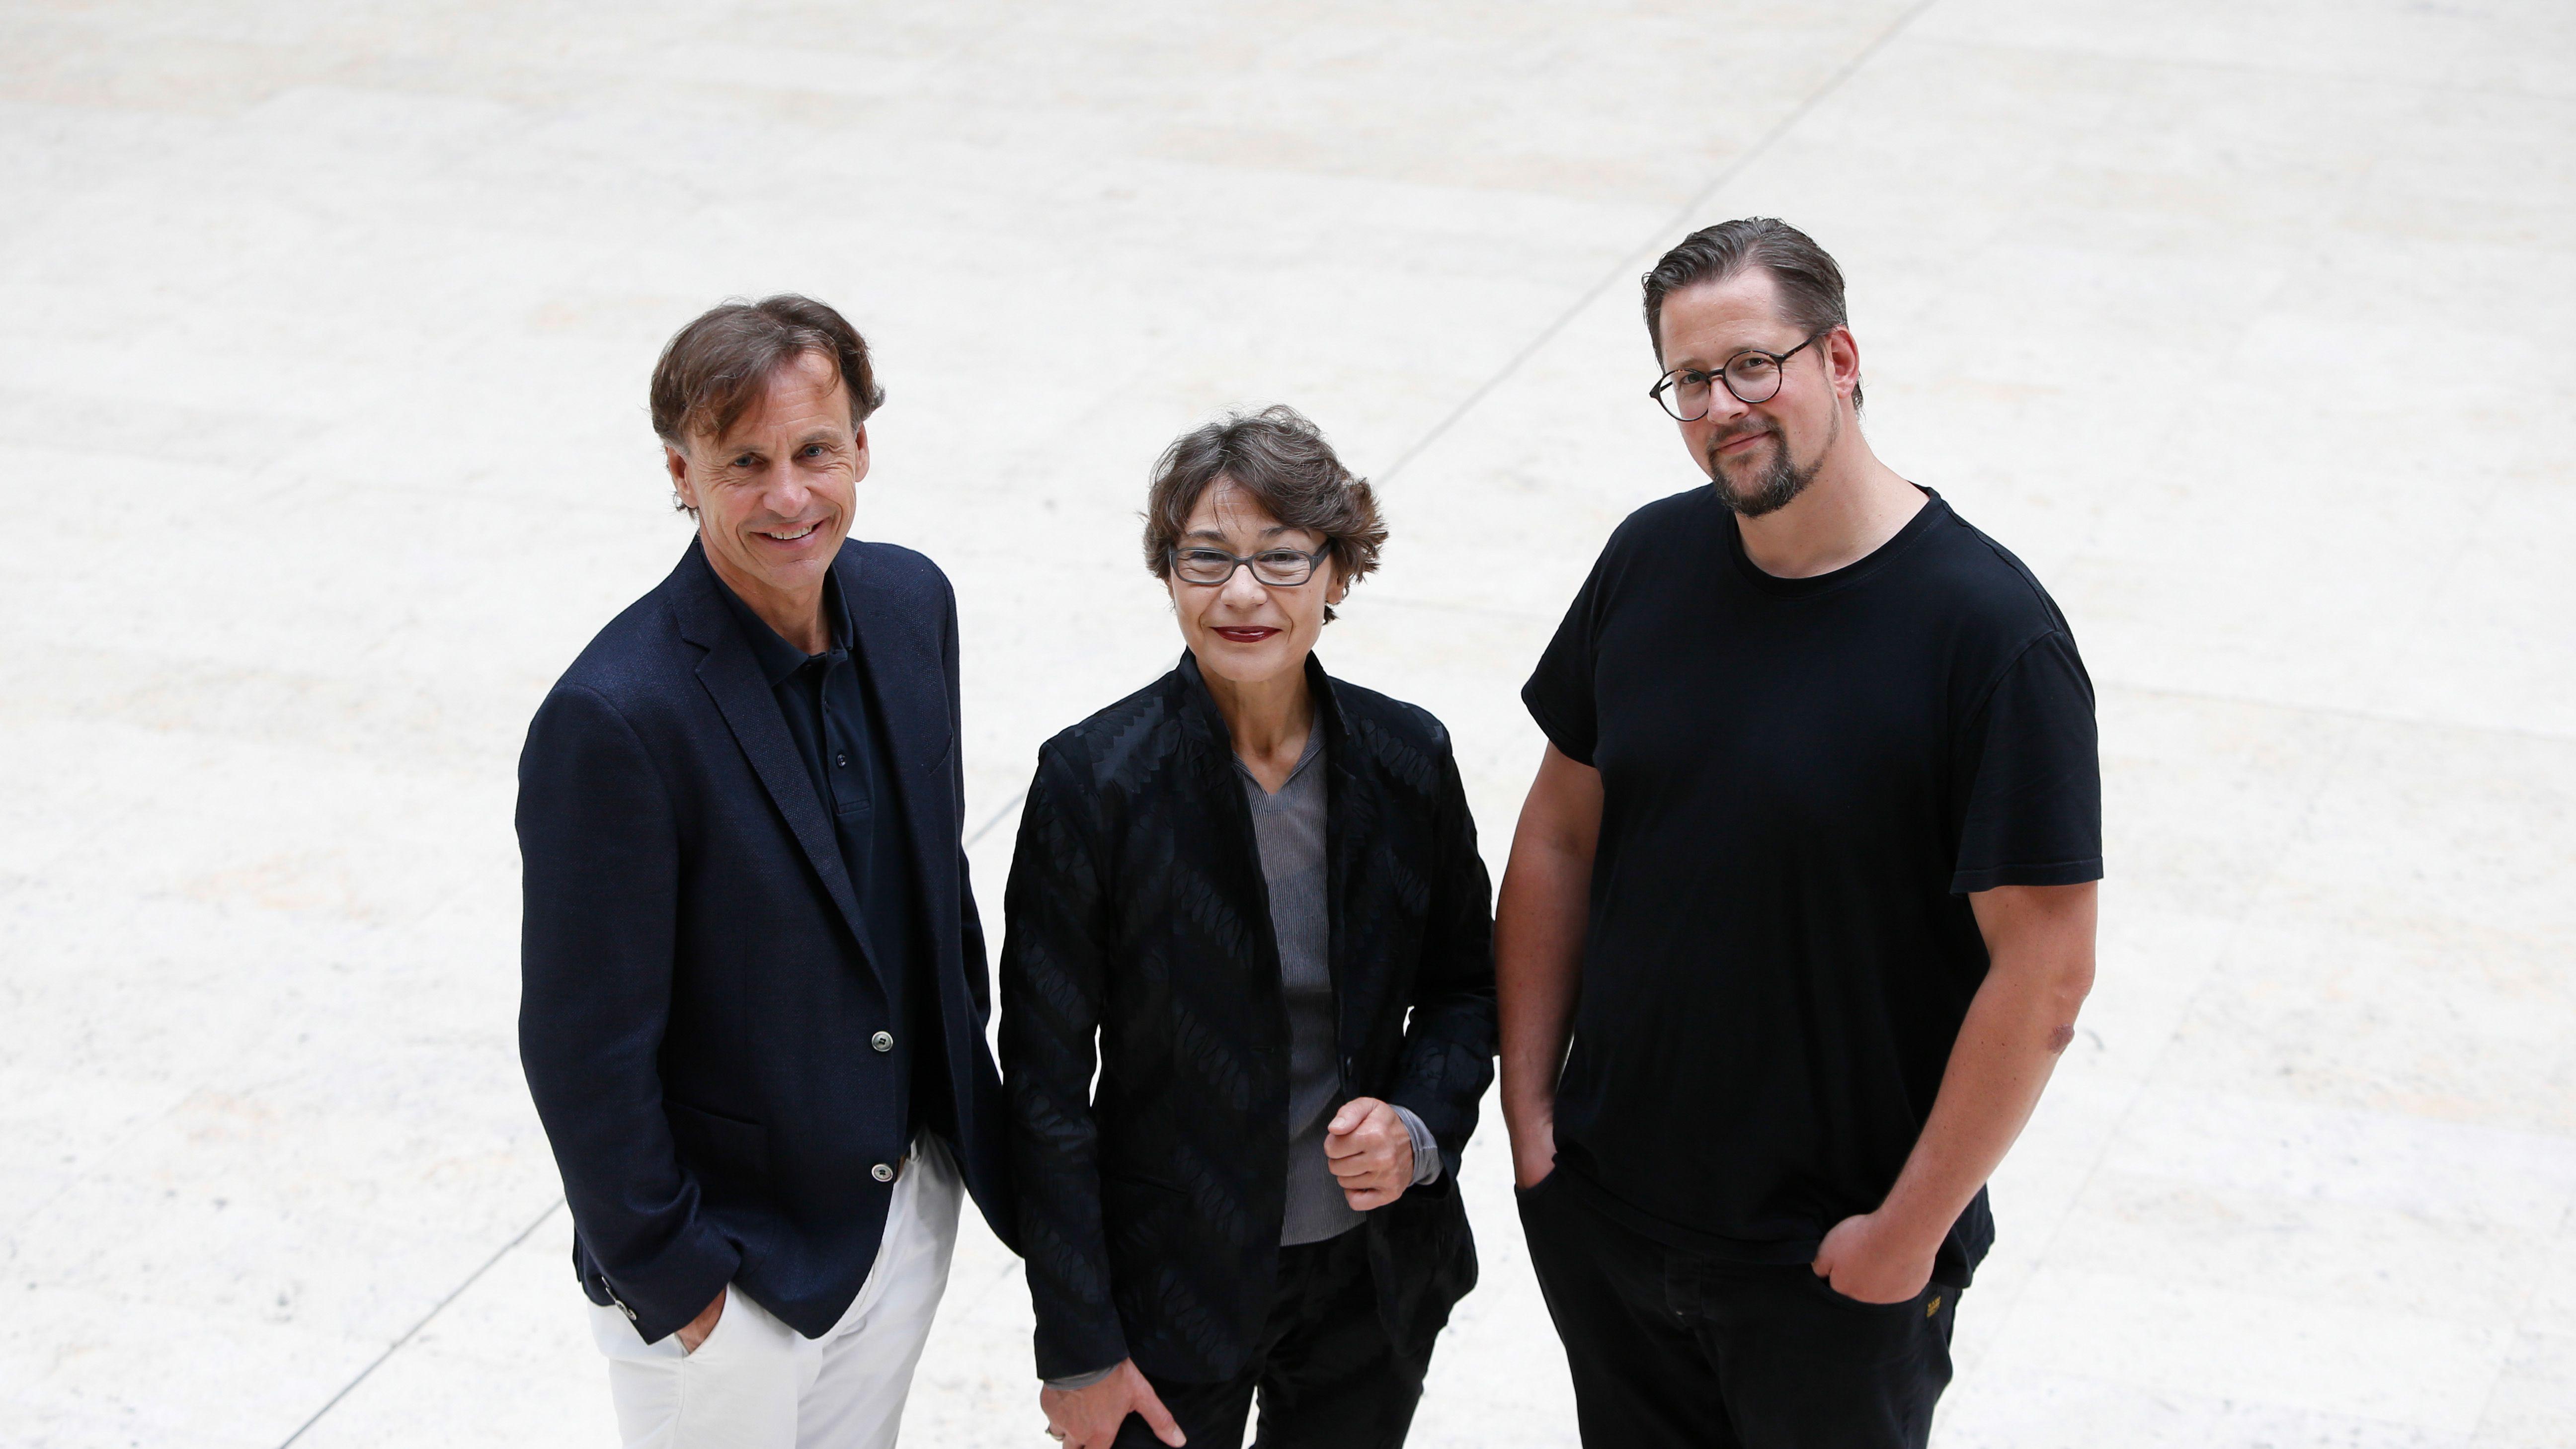 Strategische Allianz: Serviceplan Design und Uli Mayer-Johanssen kooperieren